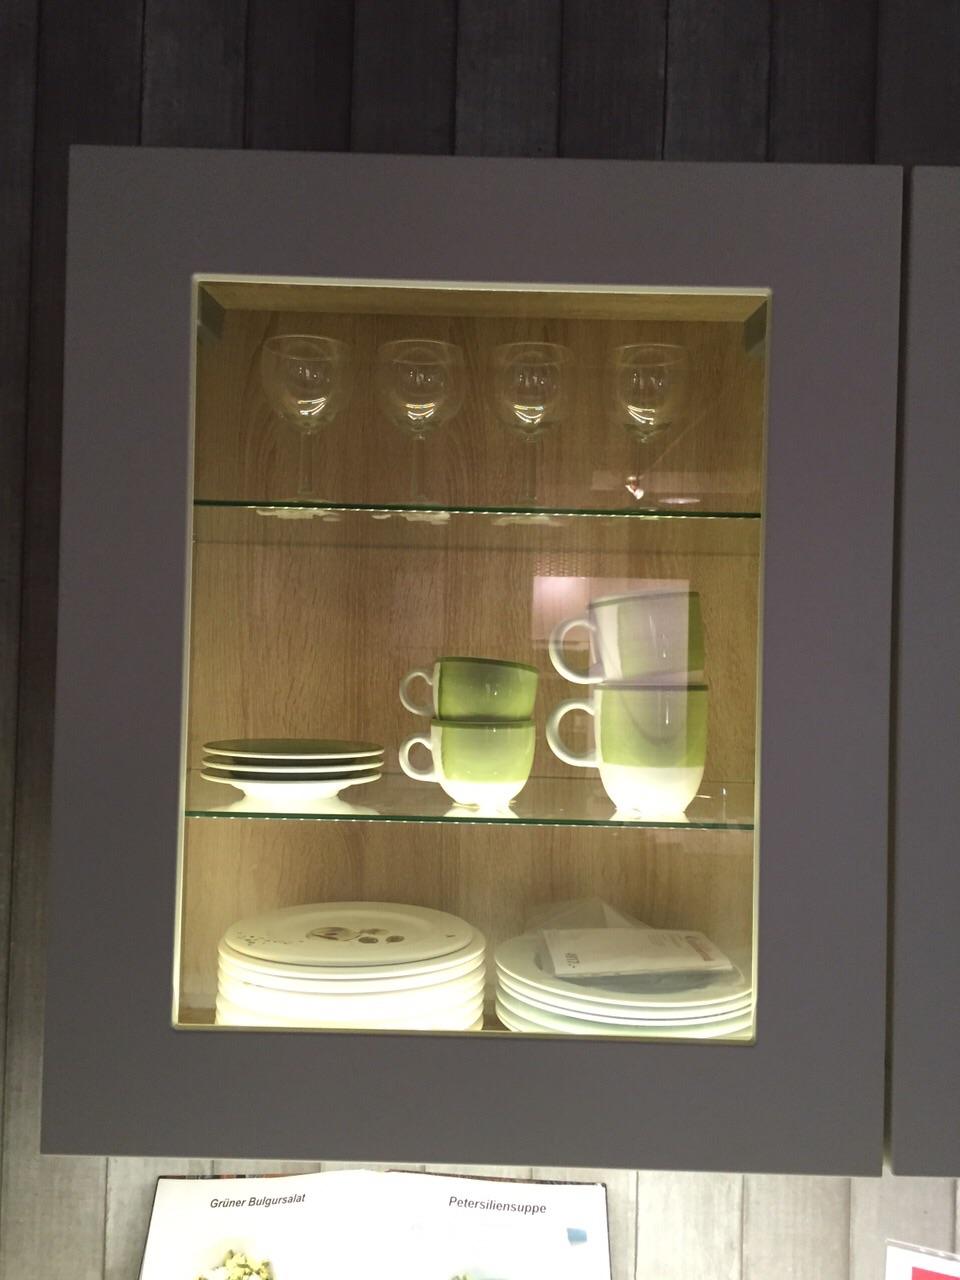 Full Size of Hängeschrank Küche Glas Hngeschrank Kche Landhaus Weier Eckschrank Freistehende Schubladeneinsatz Led Deckenleuchte Mischbatterie Rolladenschrank Wohnzimmer Hängeschrank Küche Glas